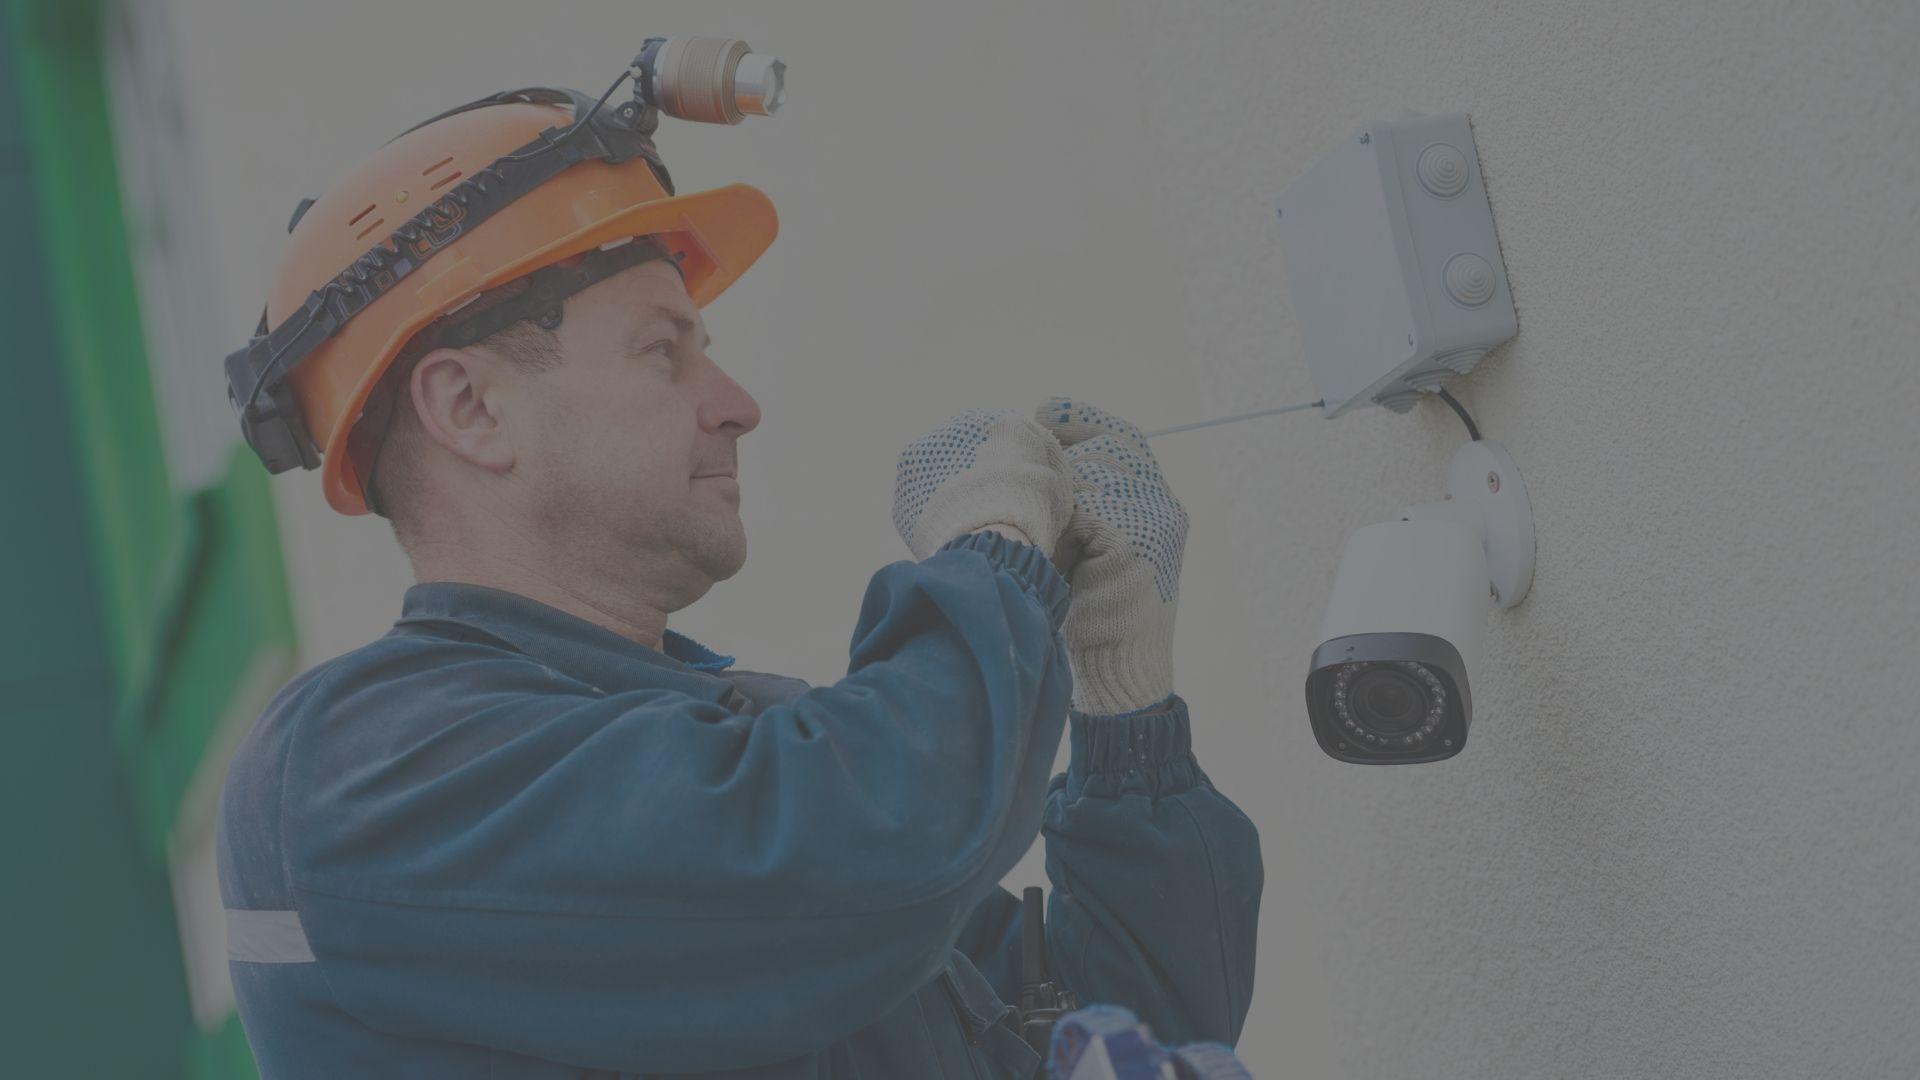 installazione impianto allarme sicurezImmagine di un tecnico installatore che sta installando un sistema di sicurezza per abitazioni private o aziende.za